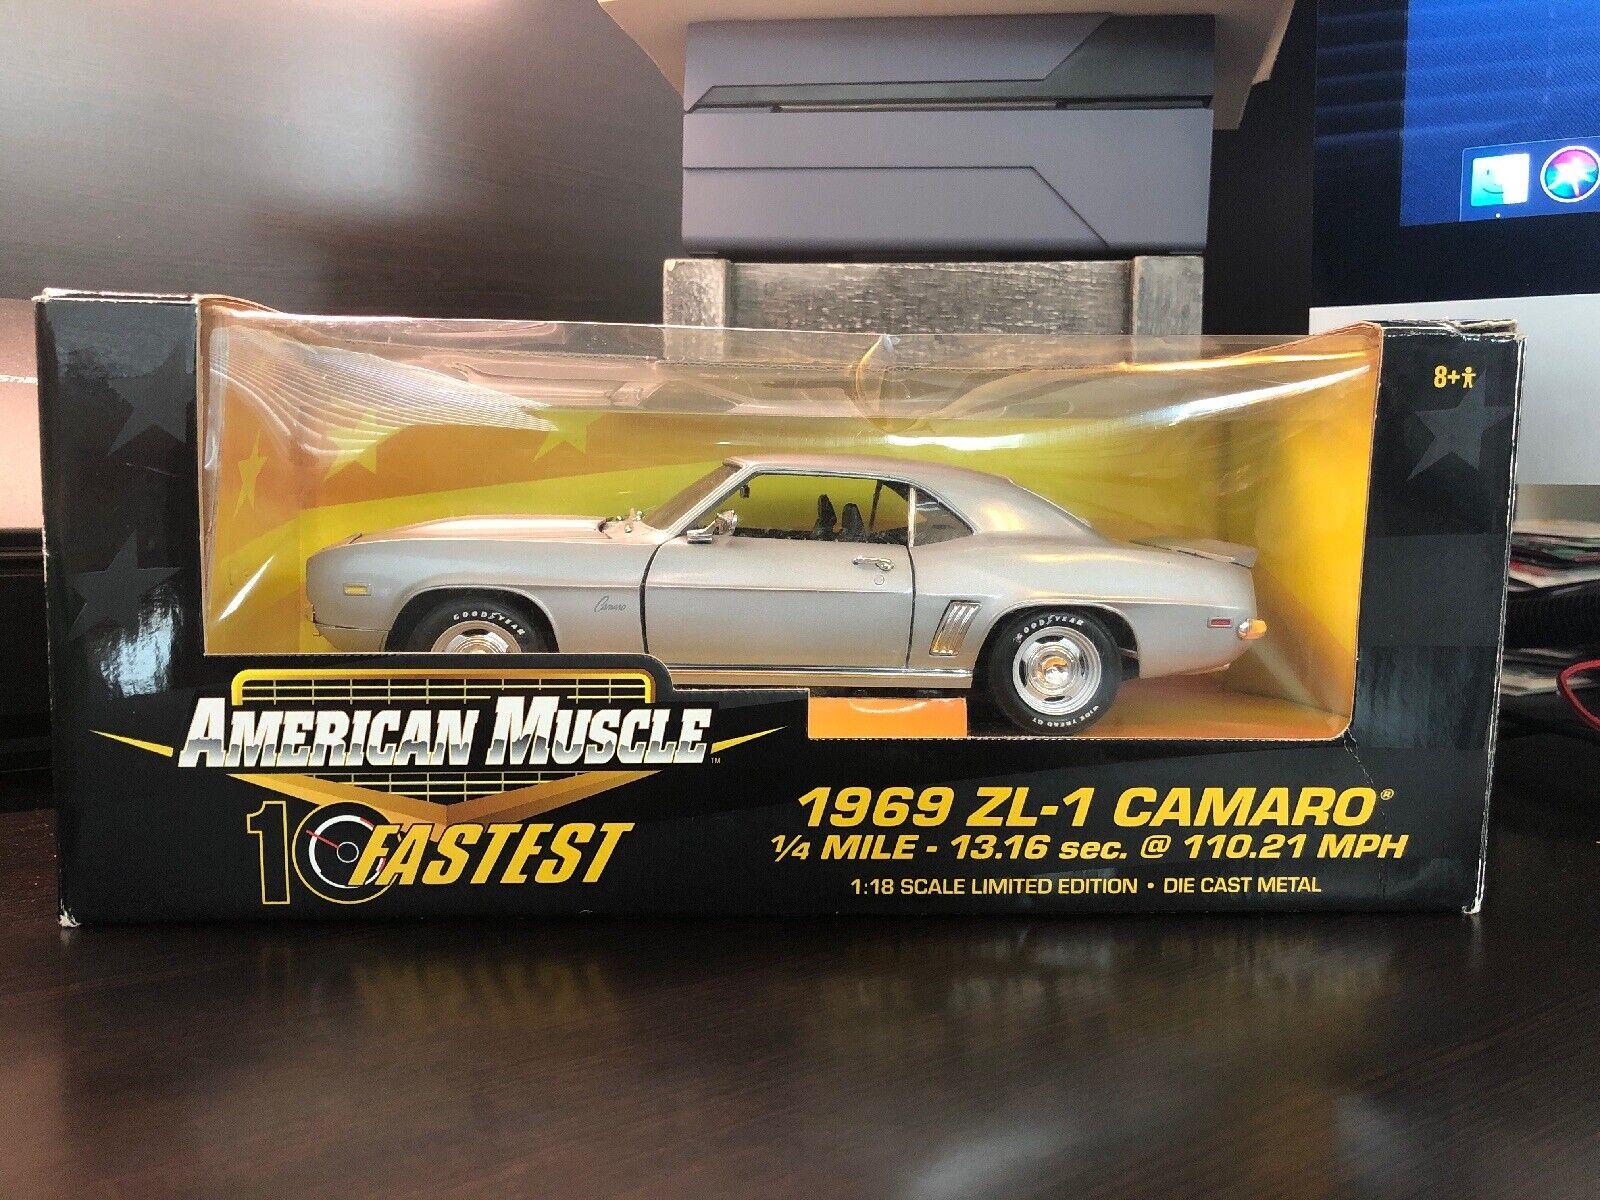 American Muscle 10 Fastest 1969 ZL-1 Camaro 1 18 Die  Cast Metal Limited Ed.  haute qualité générale